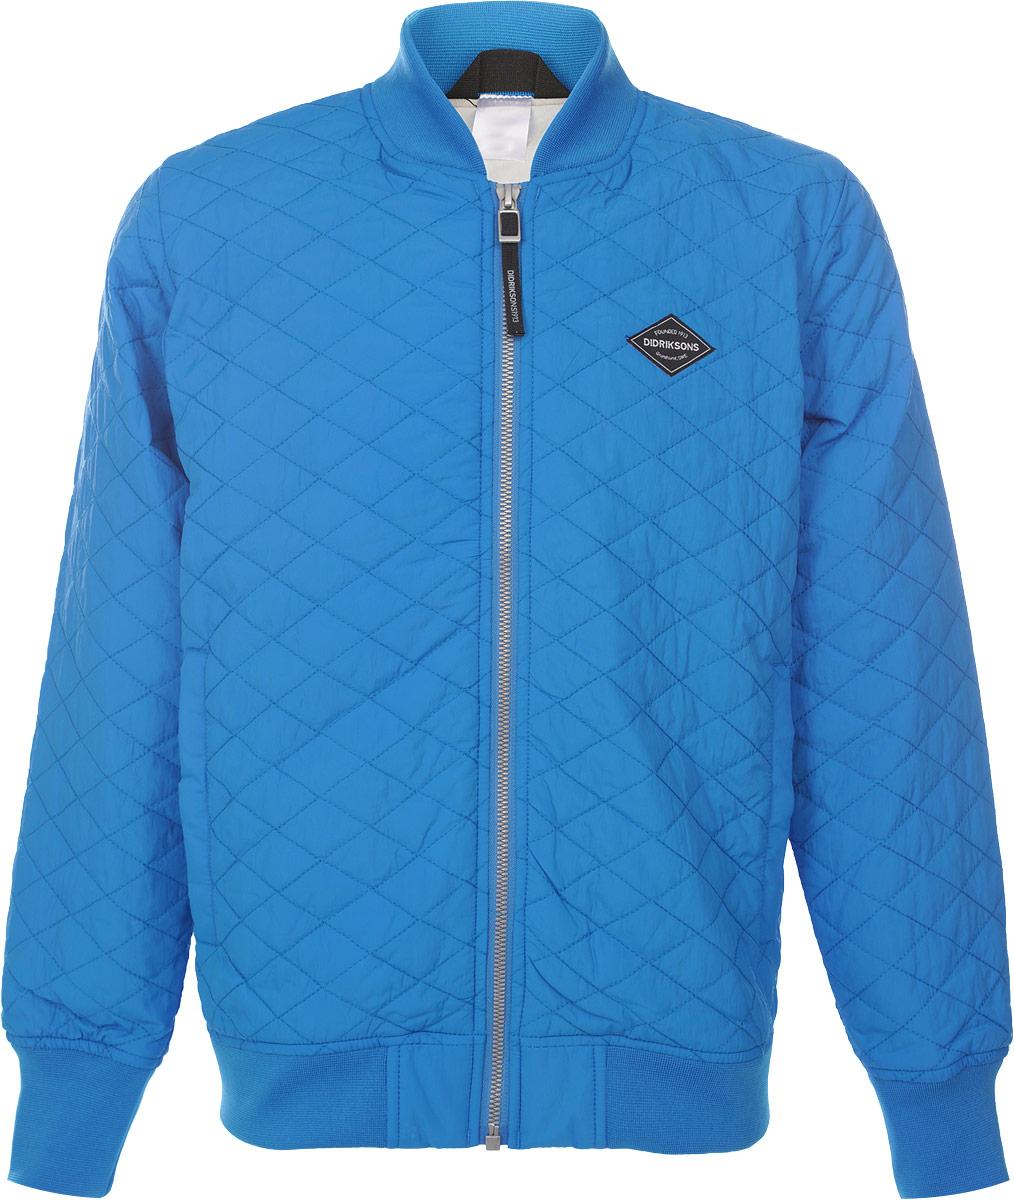 Куртка для мальчика Didriksons1913 Jake, цвет: синий. 500736_332. Размер 160500736_332Стильная стеганная куртка для мальчика Didriksons1913 Jake, изготовленная из полиамида, станет ярким и стильным дополнением к детскому гардеробу. Материал приятный на ощупь, позволяет коже дышать, легко стирается, быстро сушится. В качестве утеплителя используется синтепон. Модель с длинными рукавами застегивается на пластиковую застежку-молнию. По бокам расположены два прорезных кармана на молнии и один внутренний на кнопках. Рукава, горловина и низ куртки дополнены трикотажными вставками. Куртка может использоваться как самостоятельно, так и в качестве второго слоя.Красивый цвет, модный силуэт обеспечивают куртке прекрасный внешний вид!Теплая, удобная и практичная куртка идеально подойдет для прогулок!Рассчитана на температуру от +10 до +15.